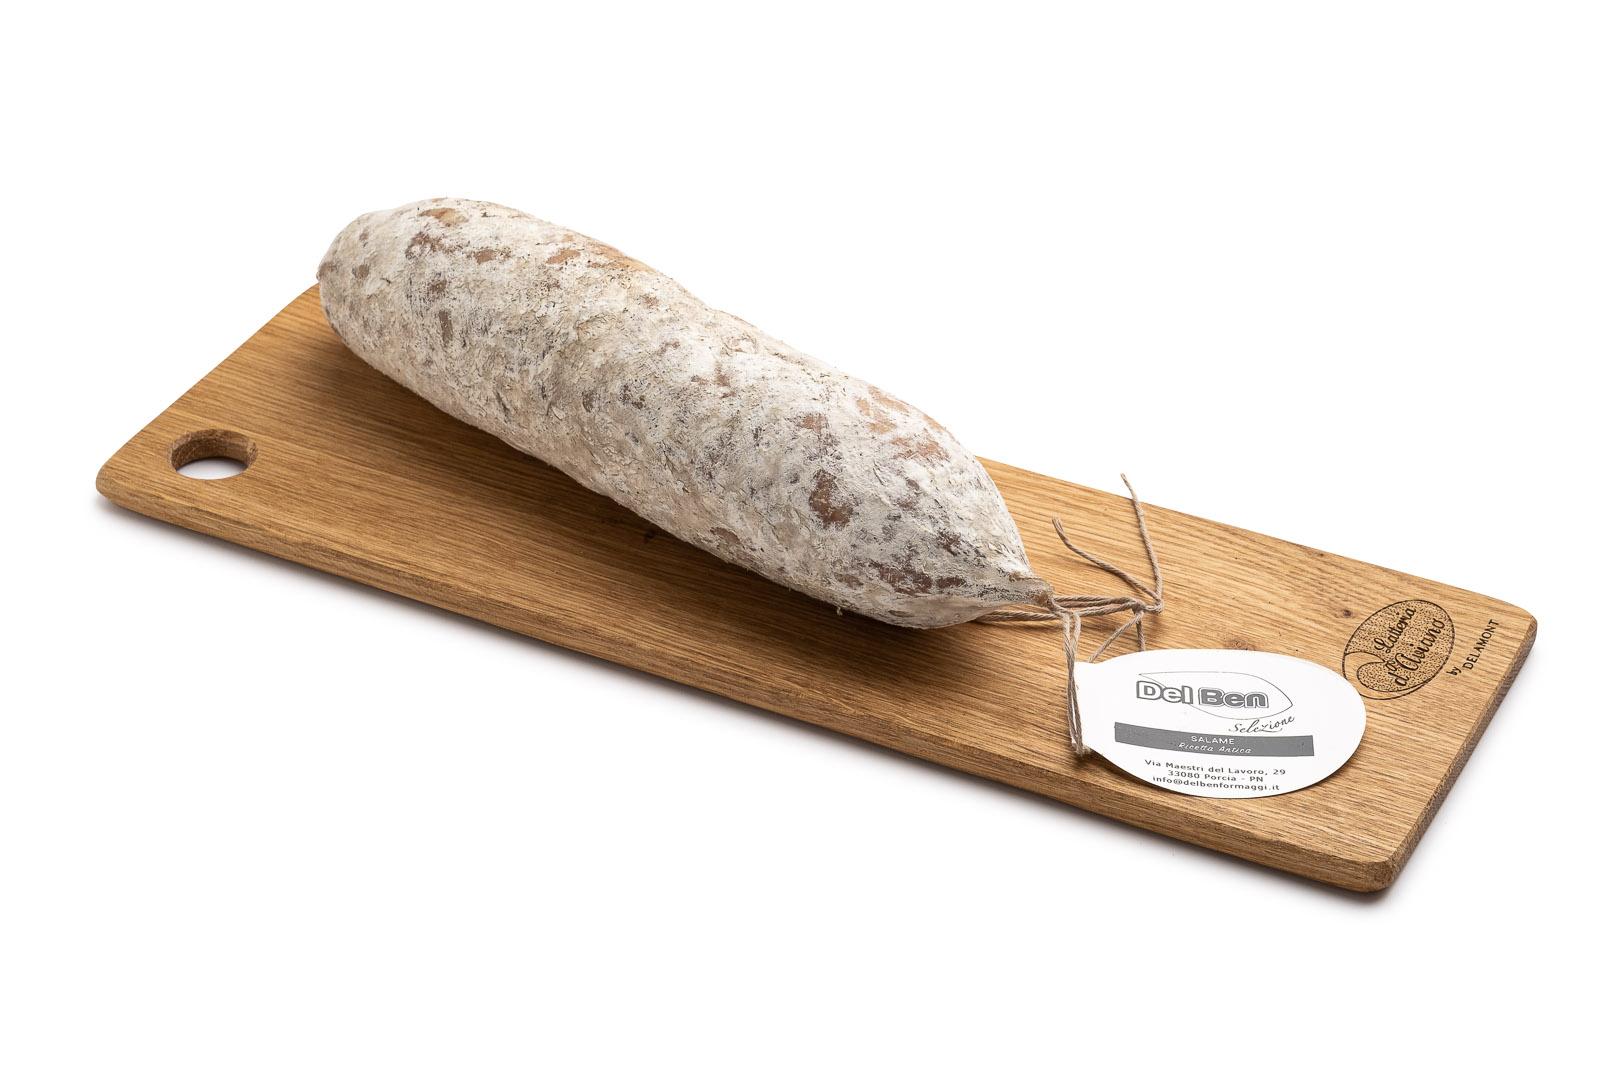 Salame con aglio - Del Ben Formaggi